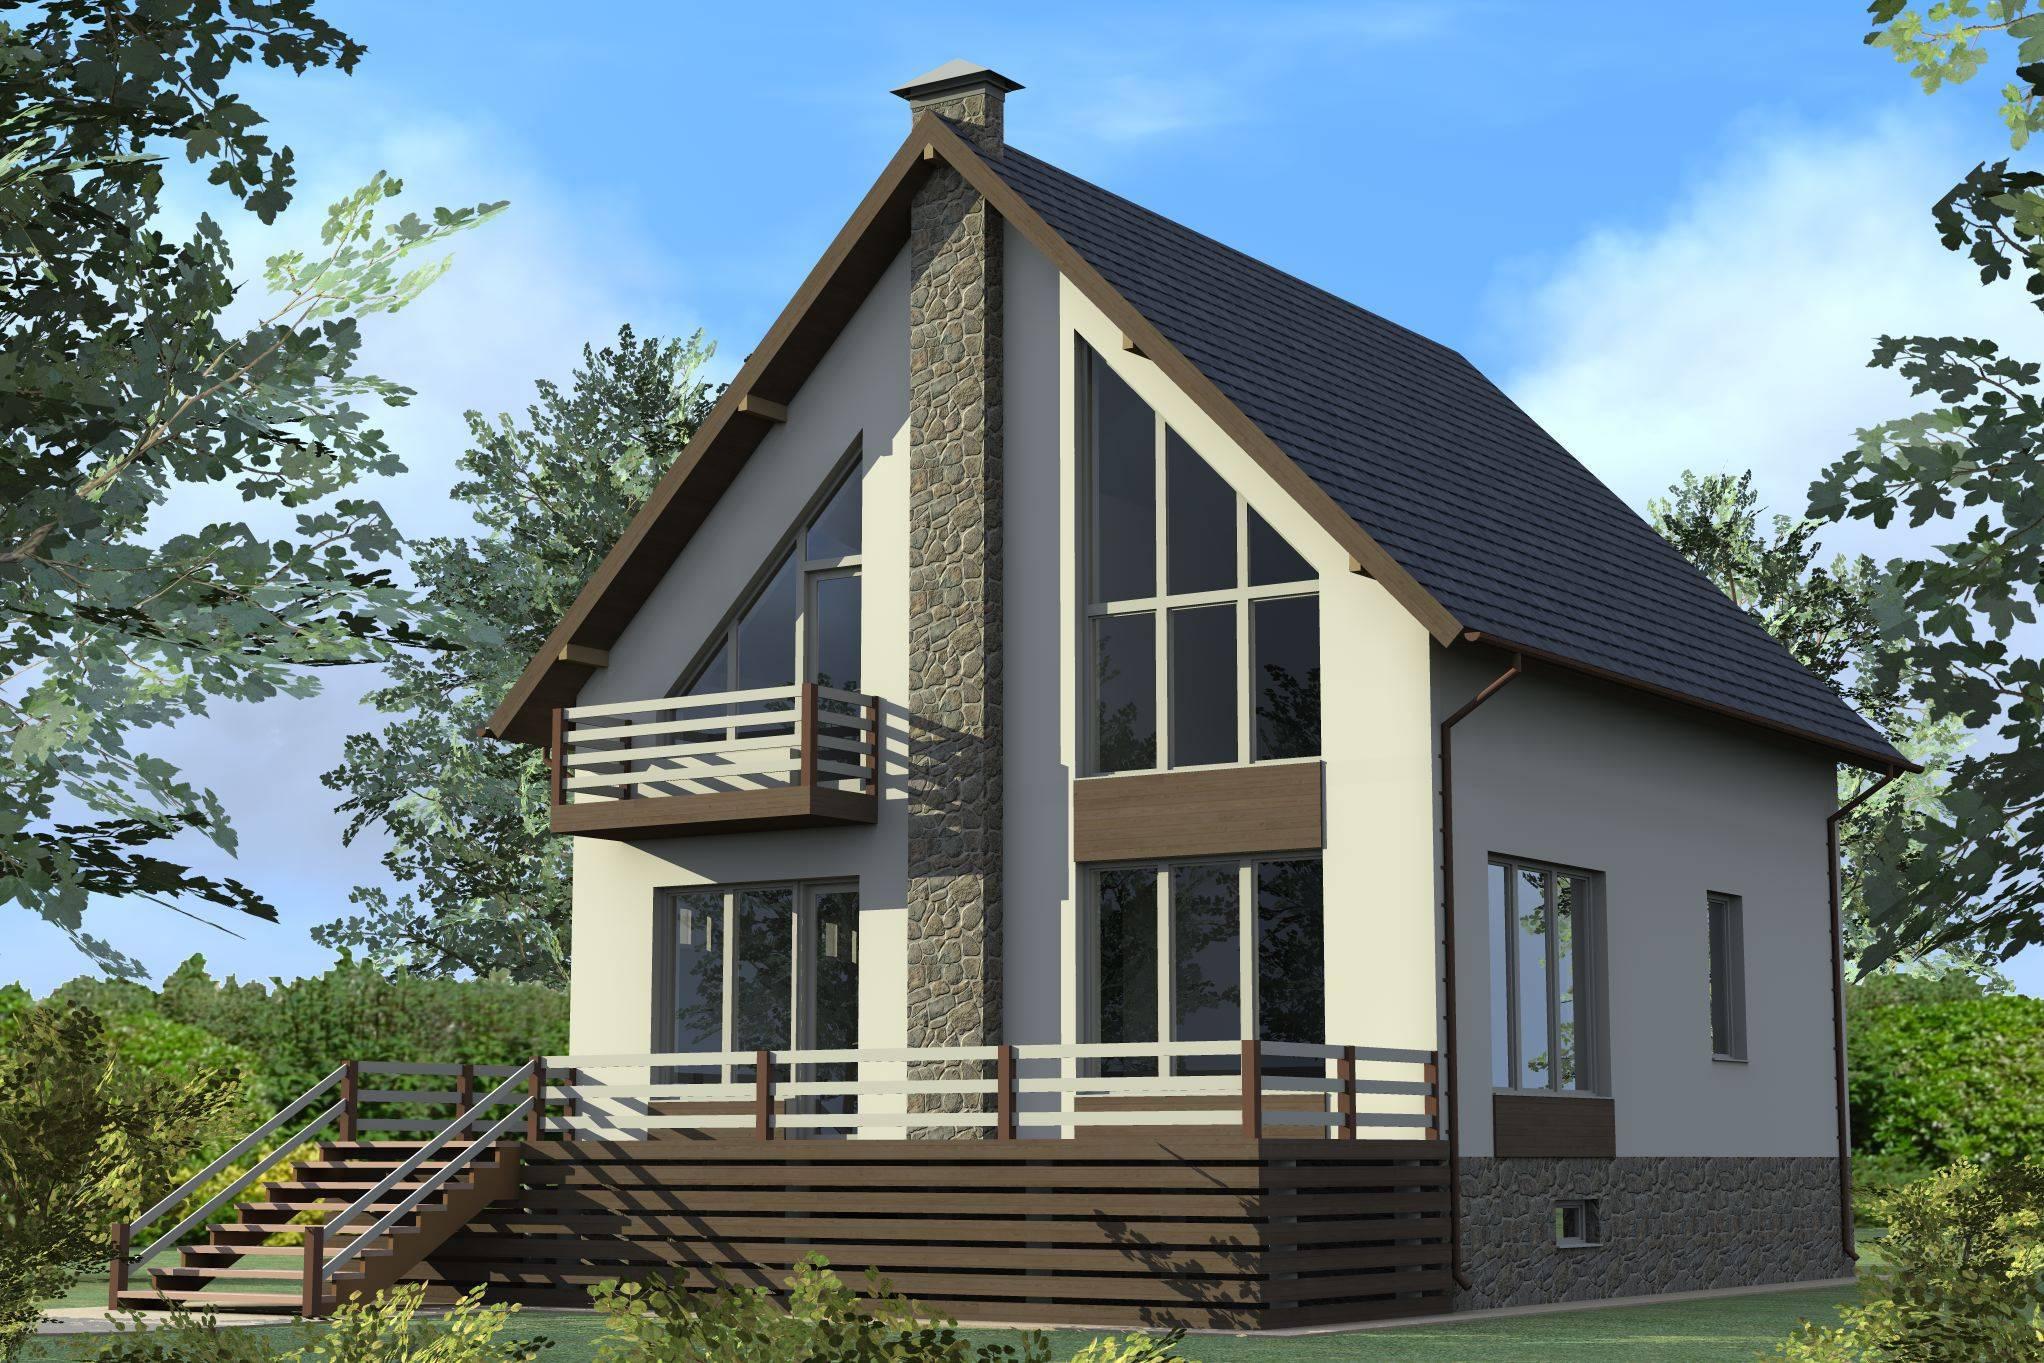 Двухэтажный дом из газобетона - проекты домов в 2 этажа